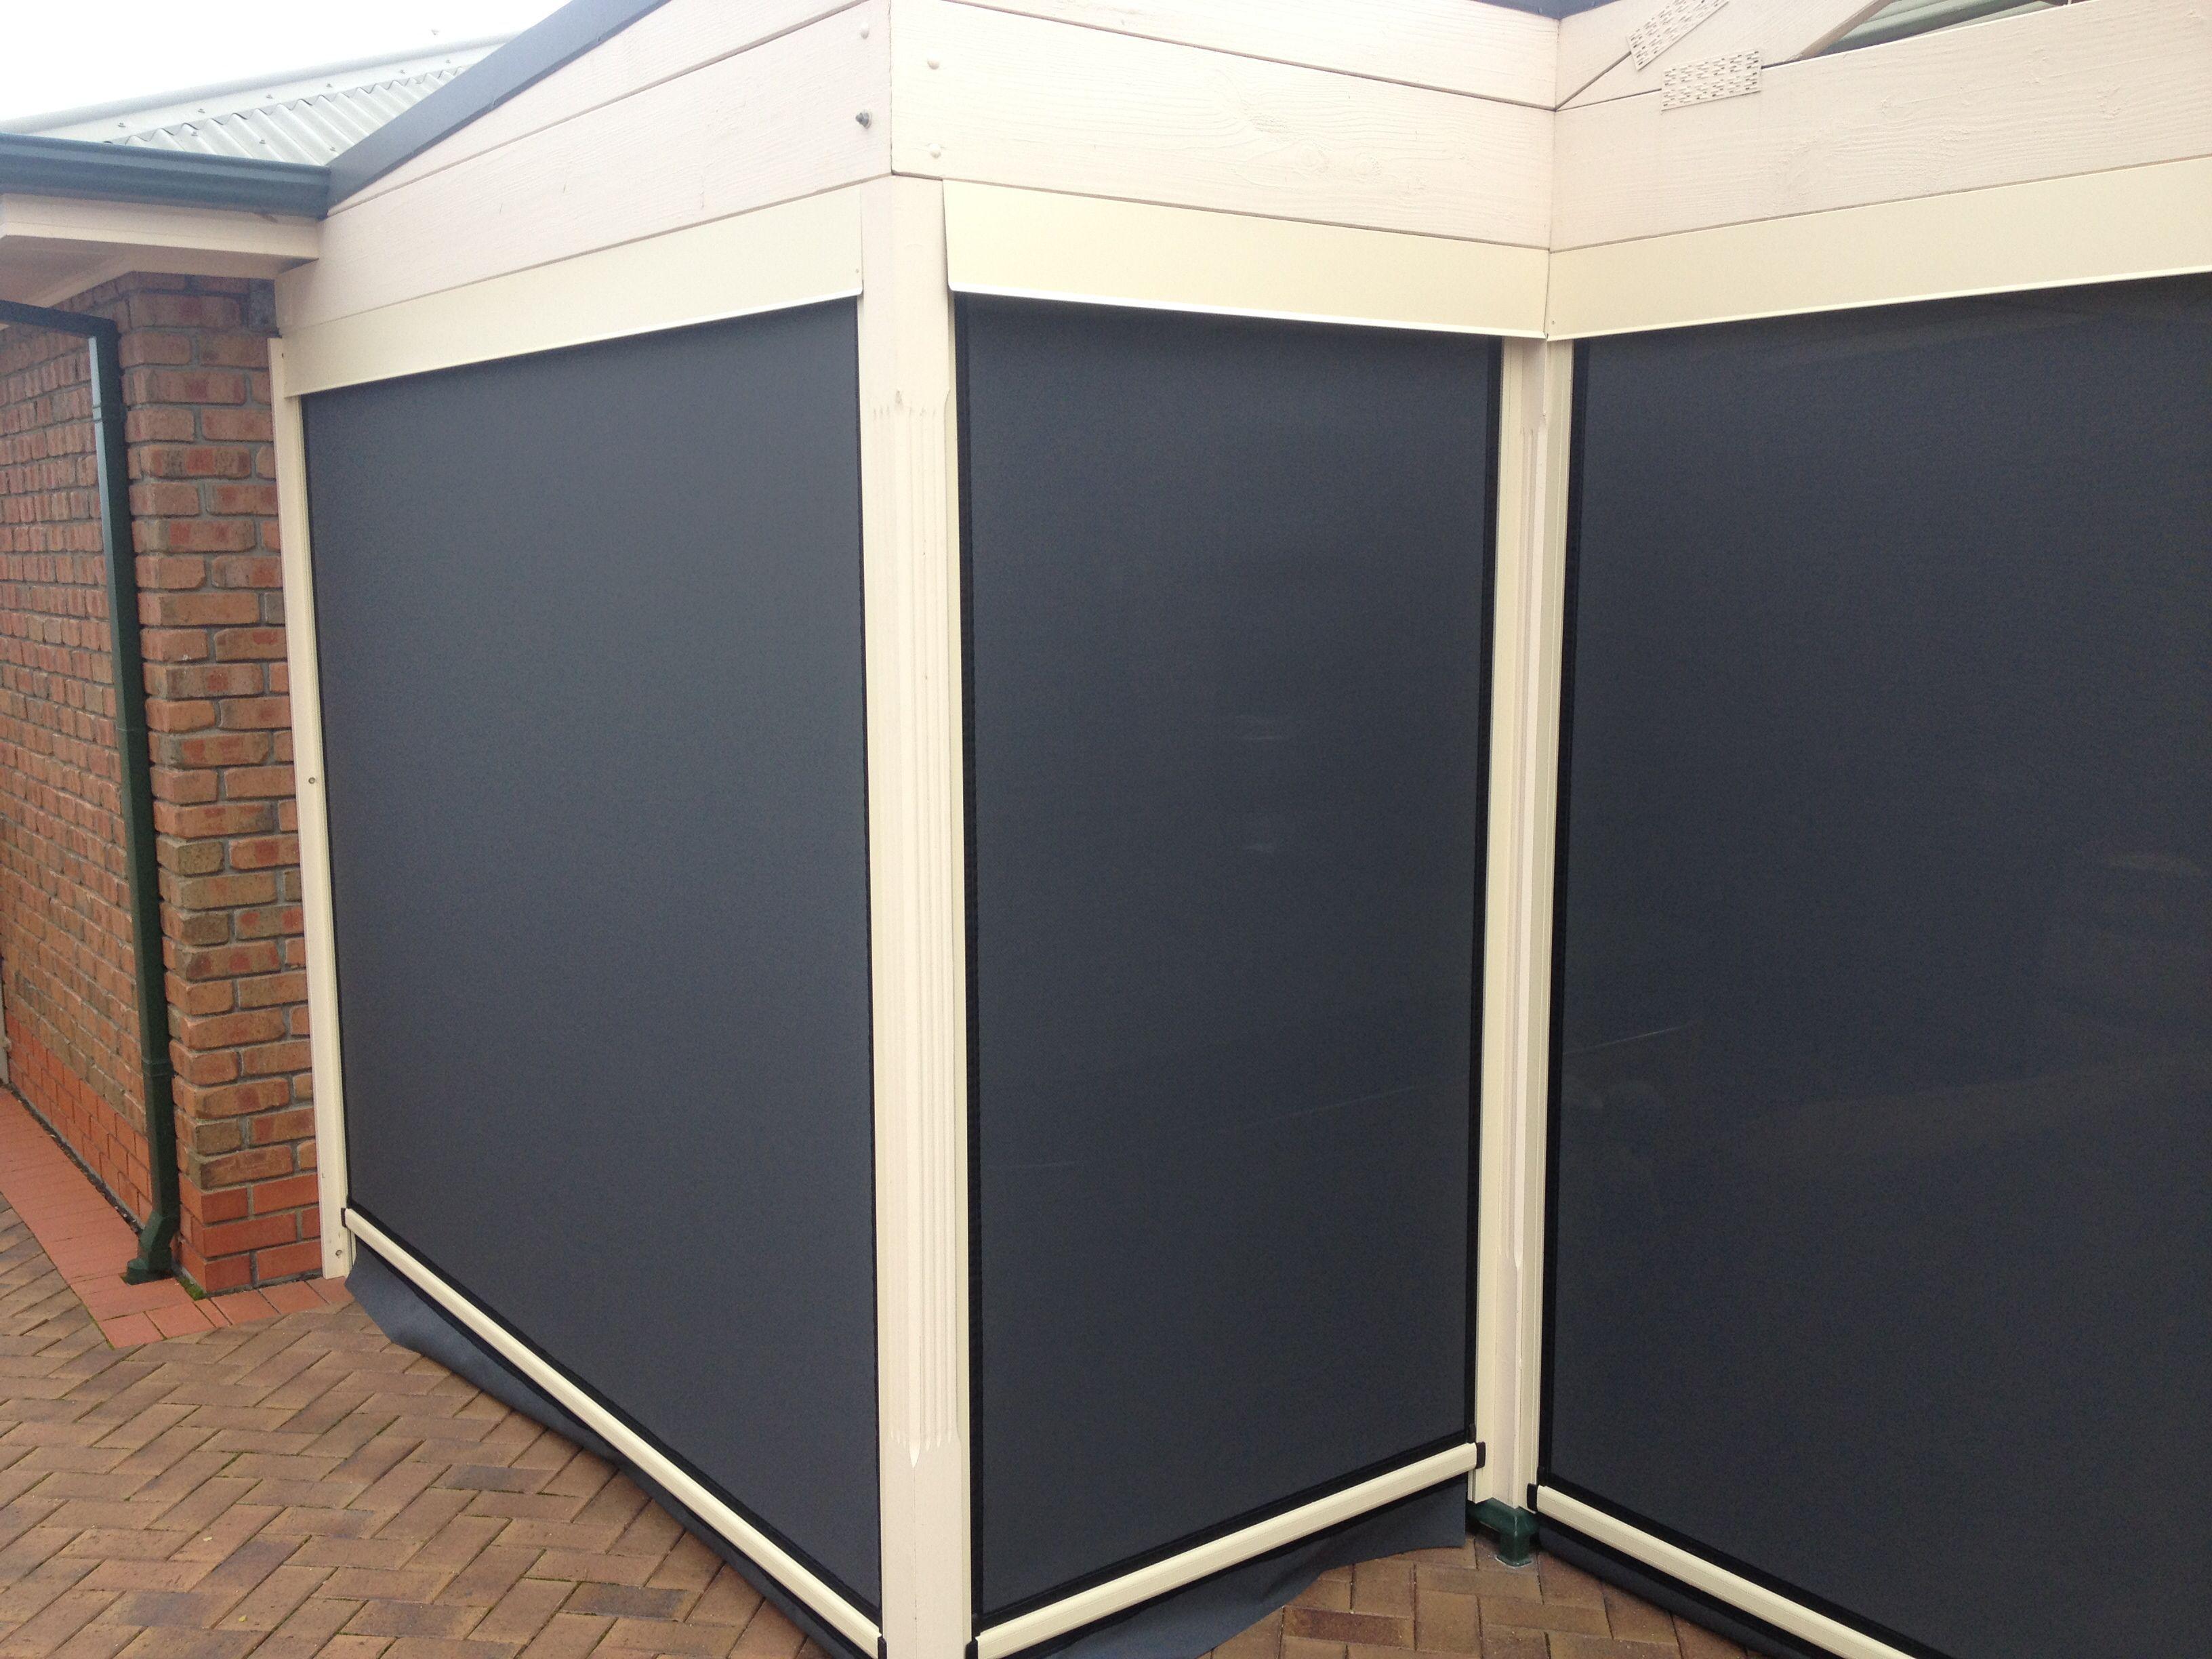 Ziptrak Cafe Blind In Hackham Verticalblindsdiy Bedroomblinds Outdoor Blinds Blinds Design Roller Blinds Design